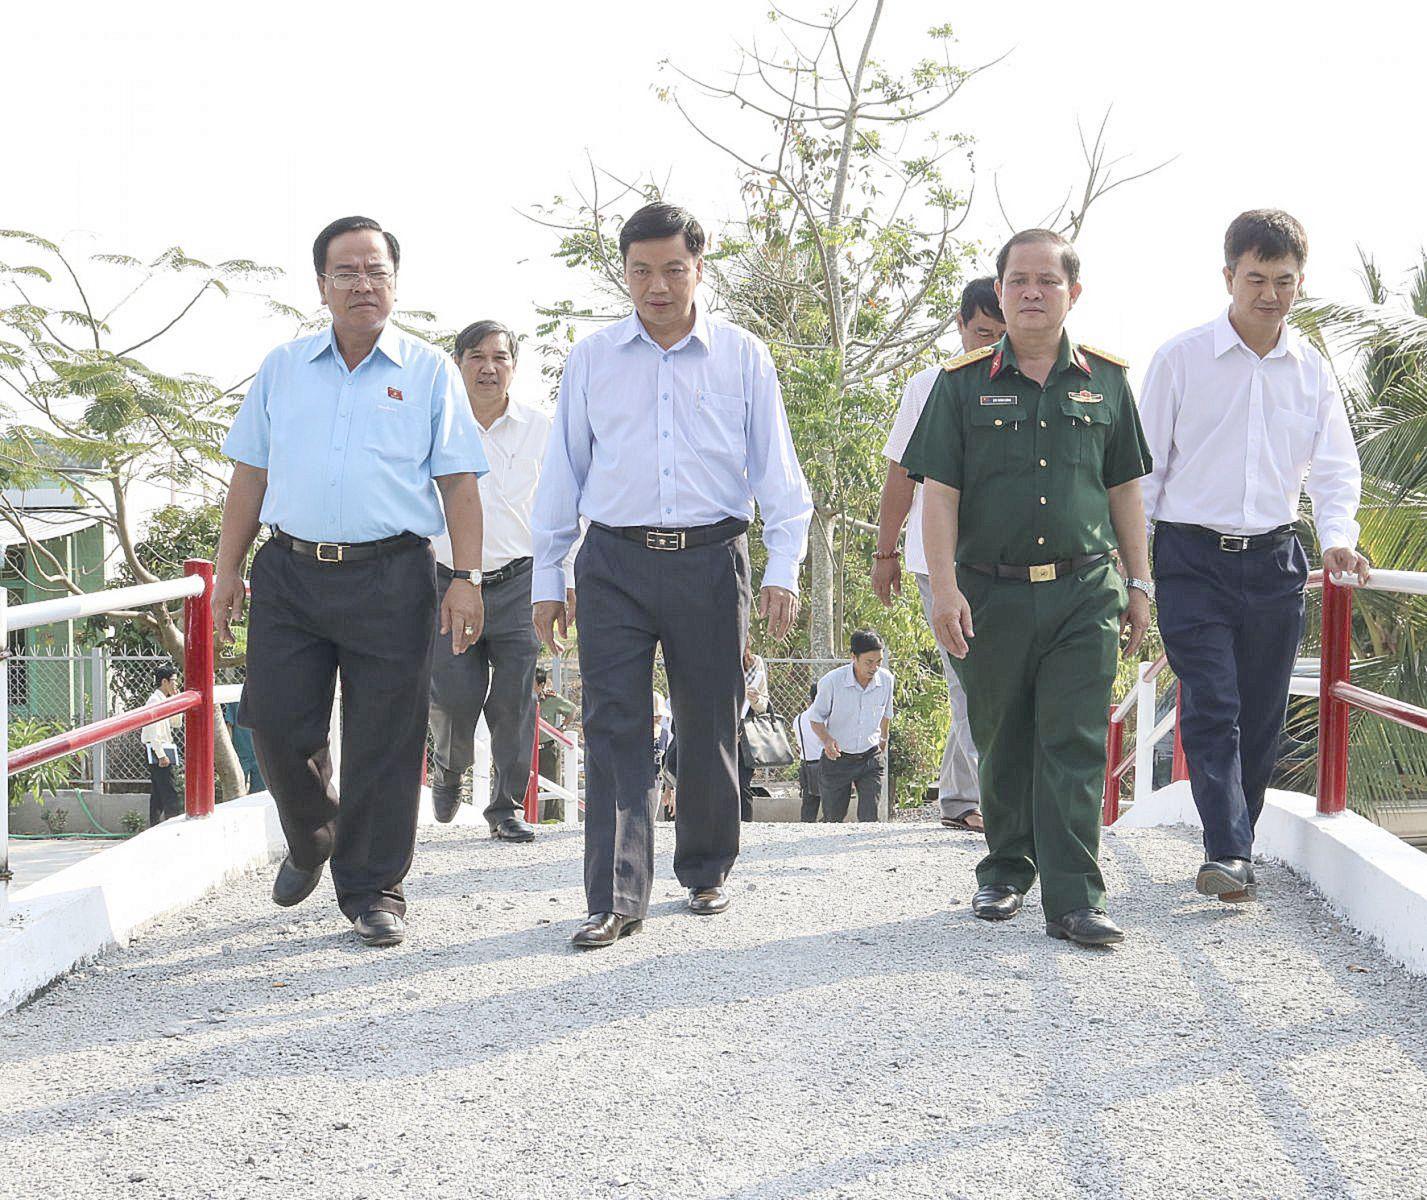 Đoàn Đại biểu Quốc hội thành phố khảo sát tiêu chí giao thông tại xã Thới Hưng, huyện Cờ Đỏ.